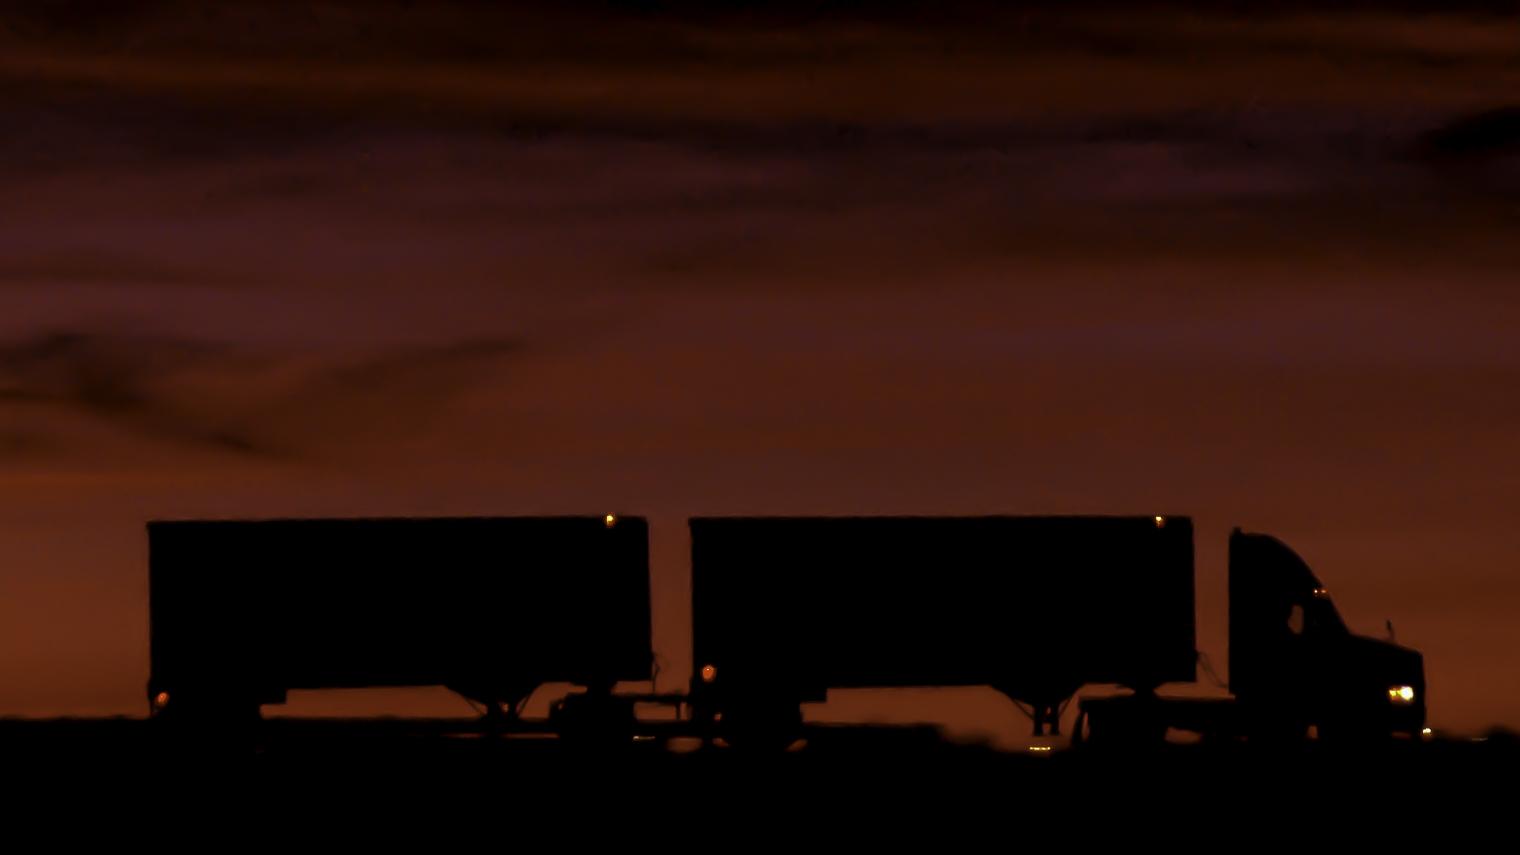 Image: Jim Allen / FreightWaves